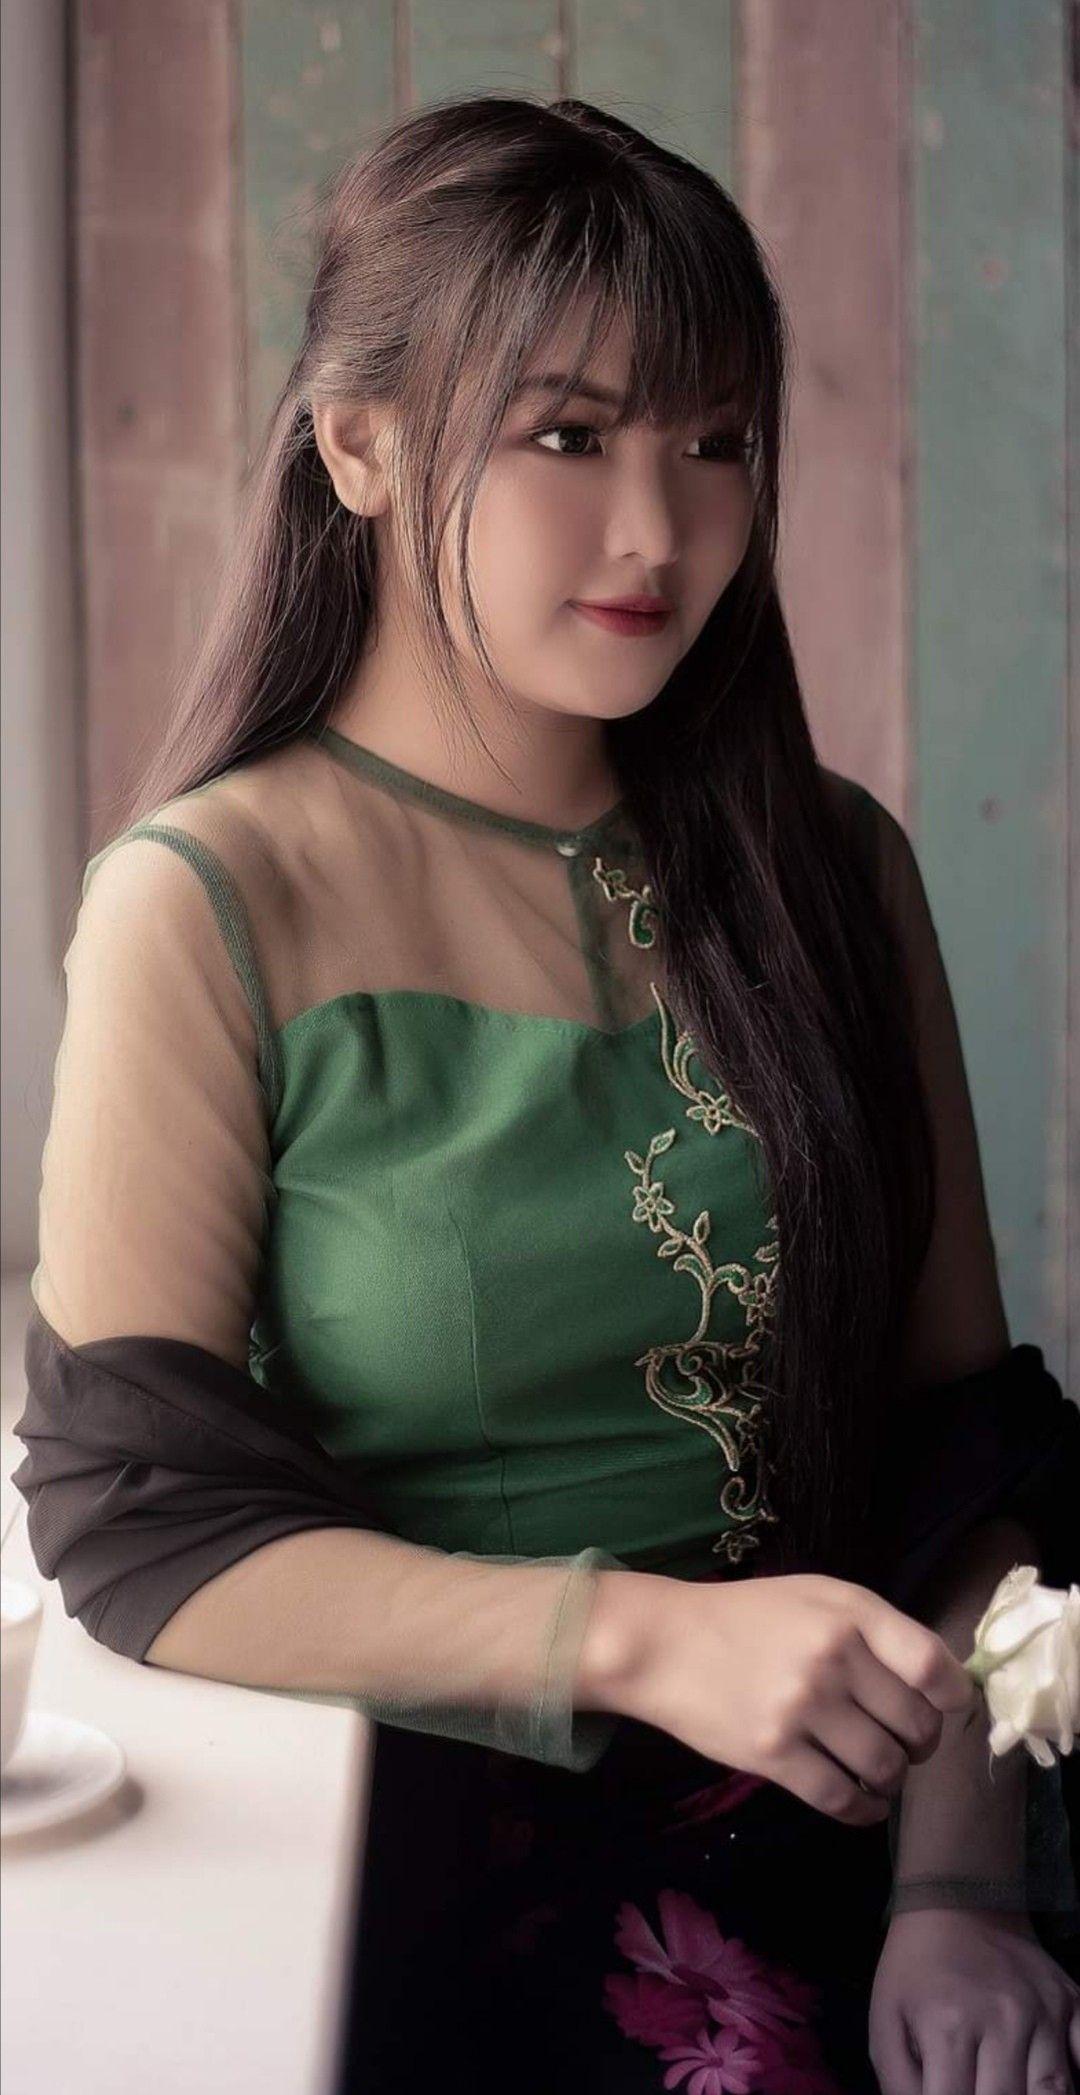 Pin on Burmese girls